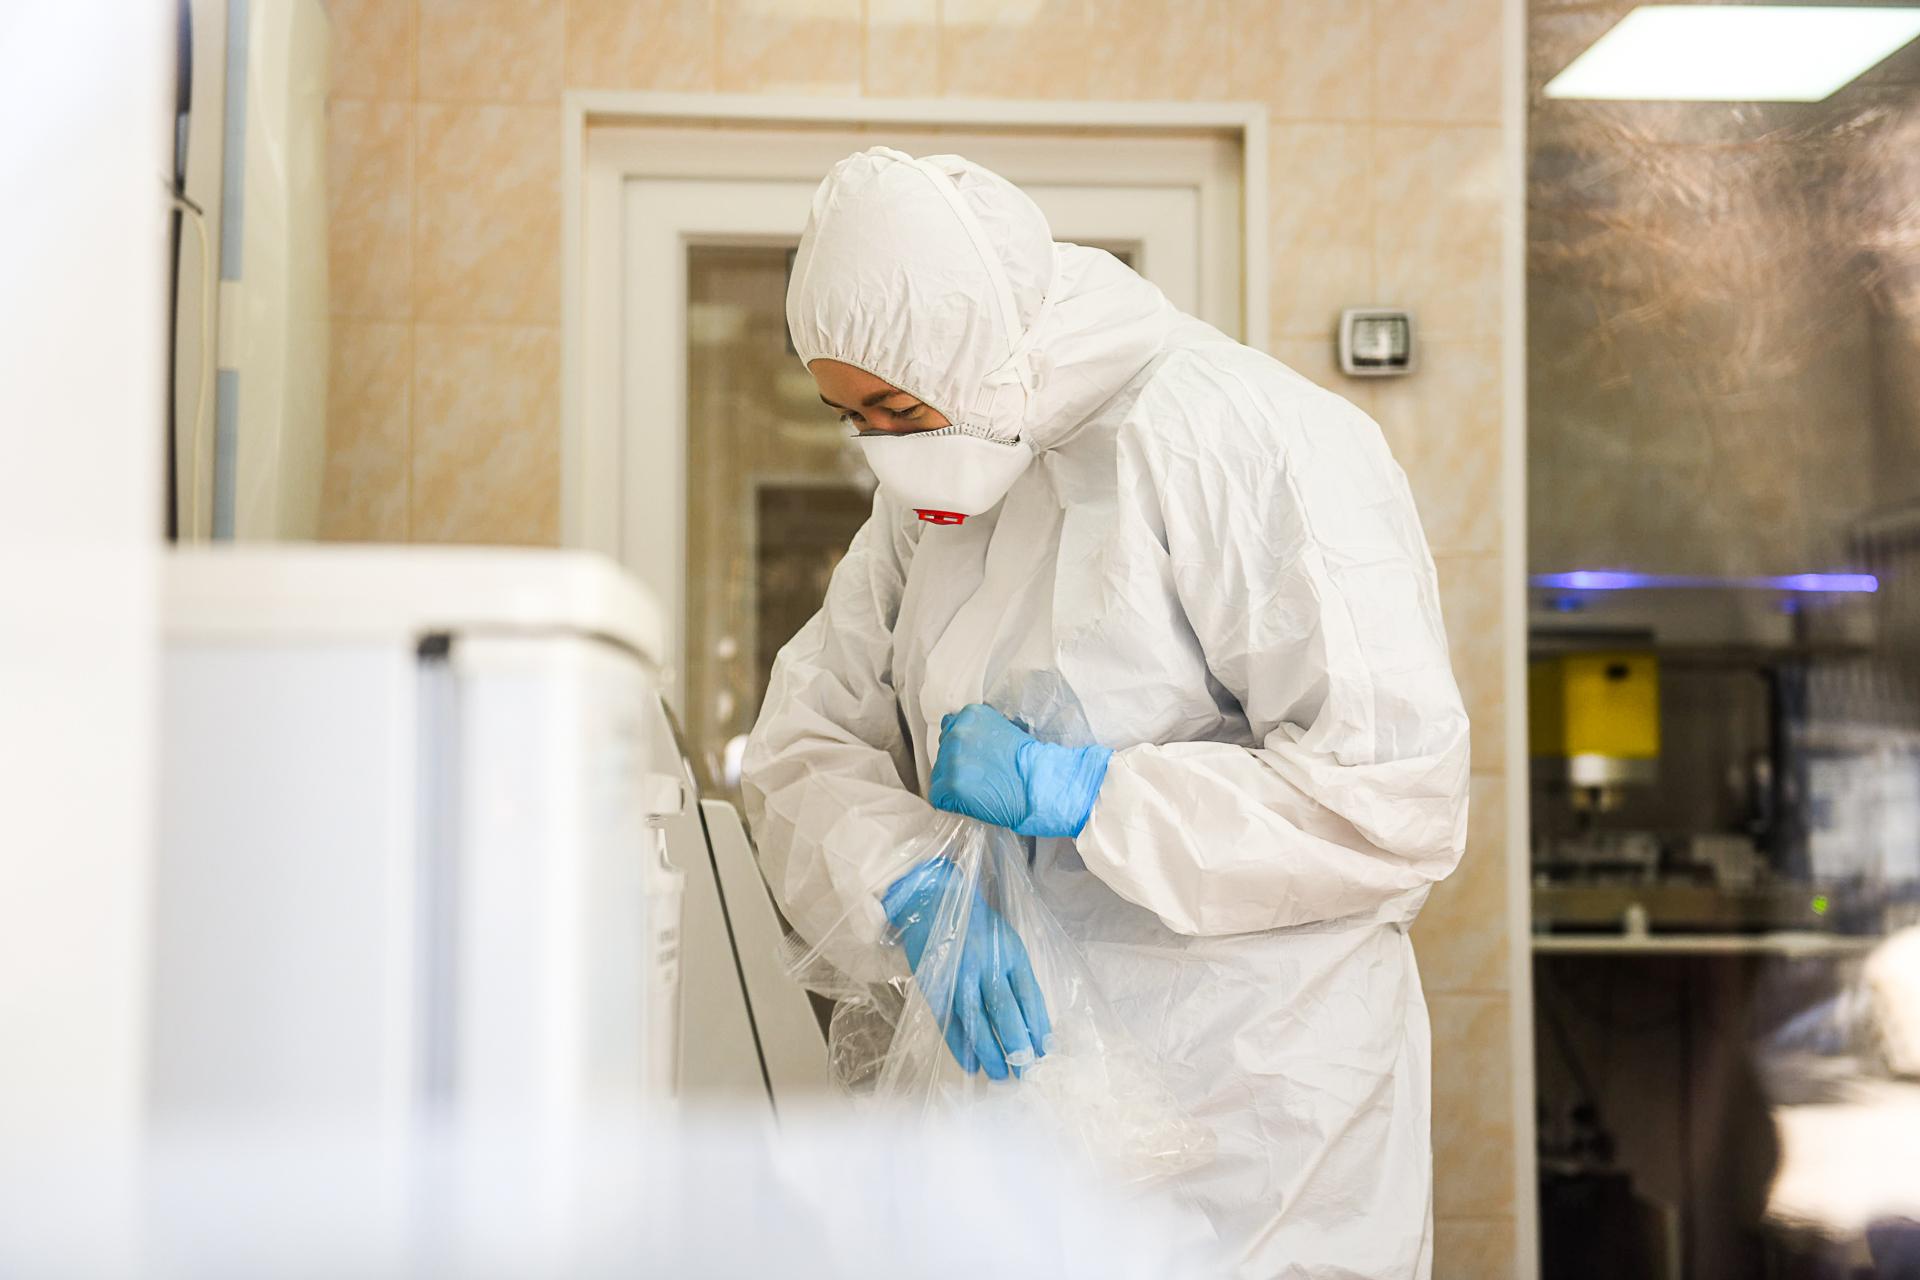 Специалисты Роспотребнадзора ежедневно проверяют сотни анализов на коронави